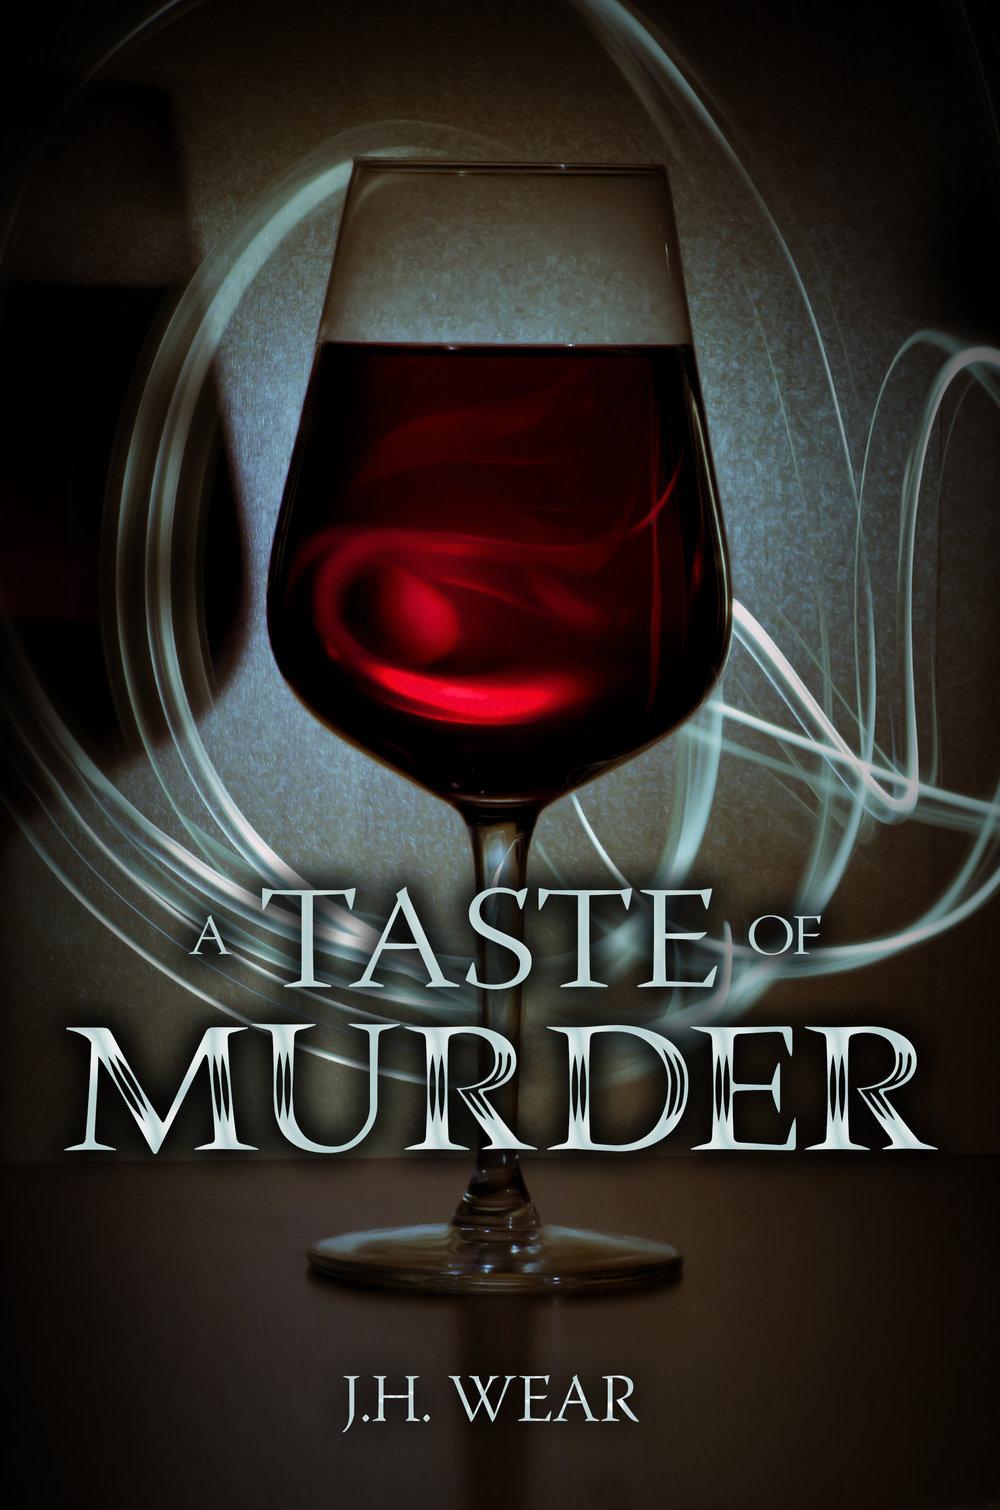 A Taste of Murder